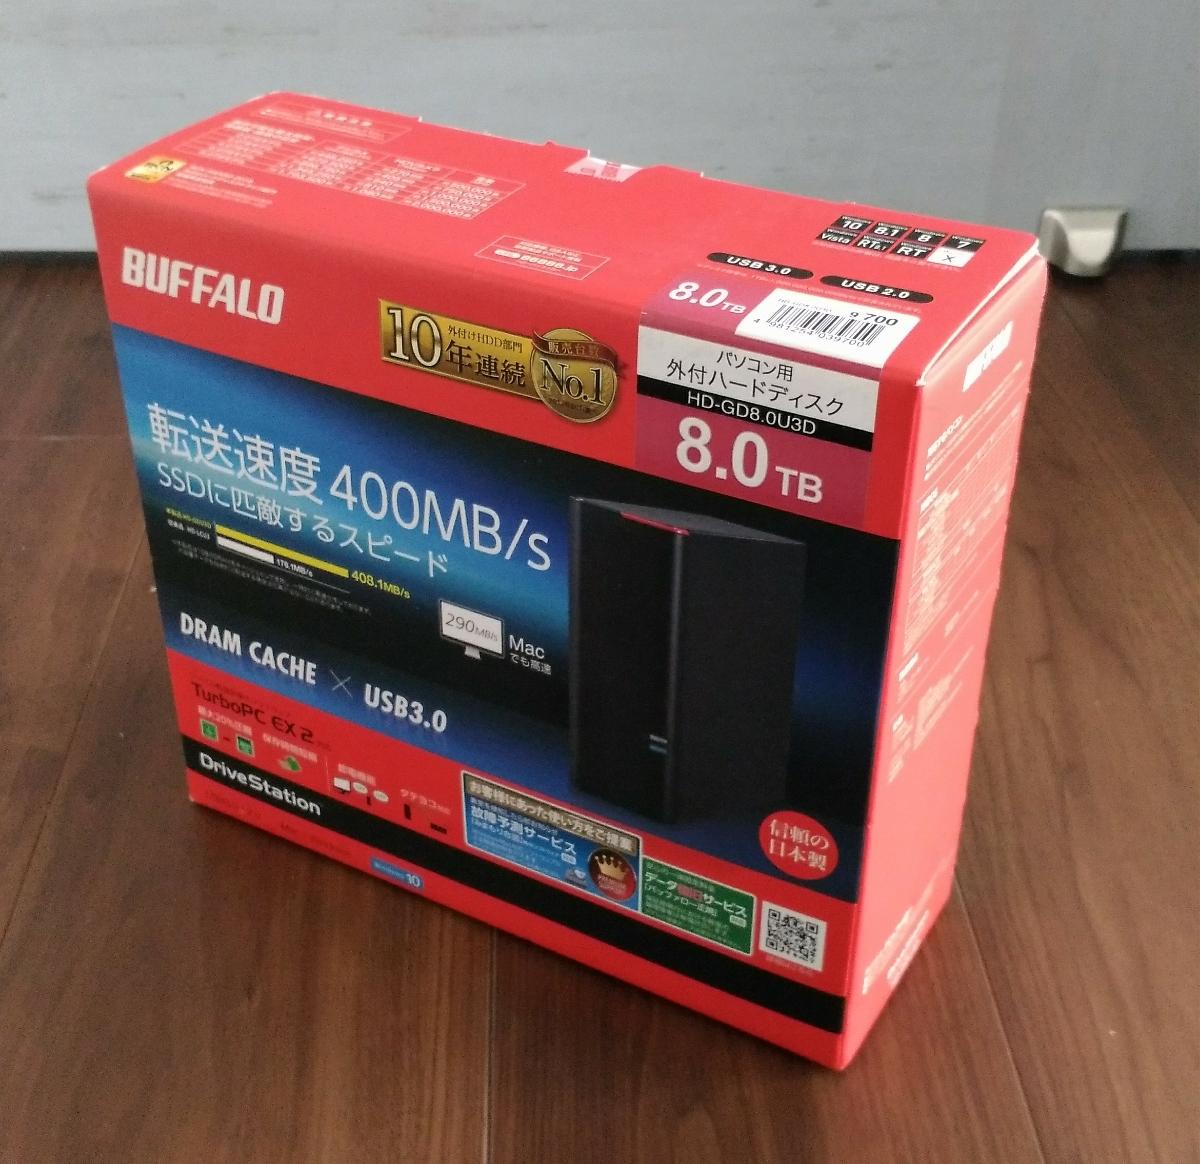 新品! 未開封! BUFFALO HD-GD8.0U3D USB3.0用 外付けHDD 8TBハードディスク ドライブステーション DRAMキャッシュ搭載 冷却ファン搭載 ☆